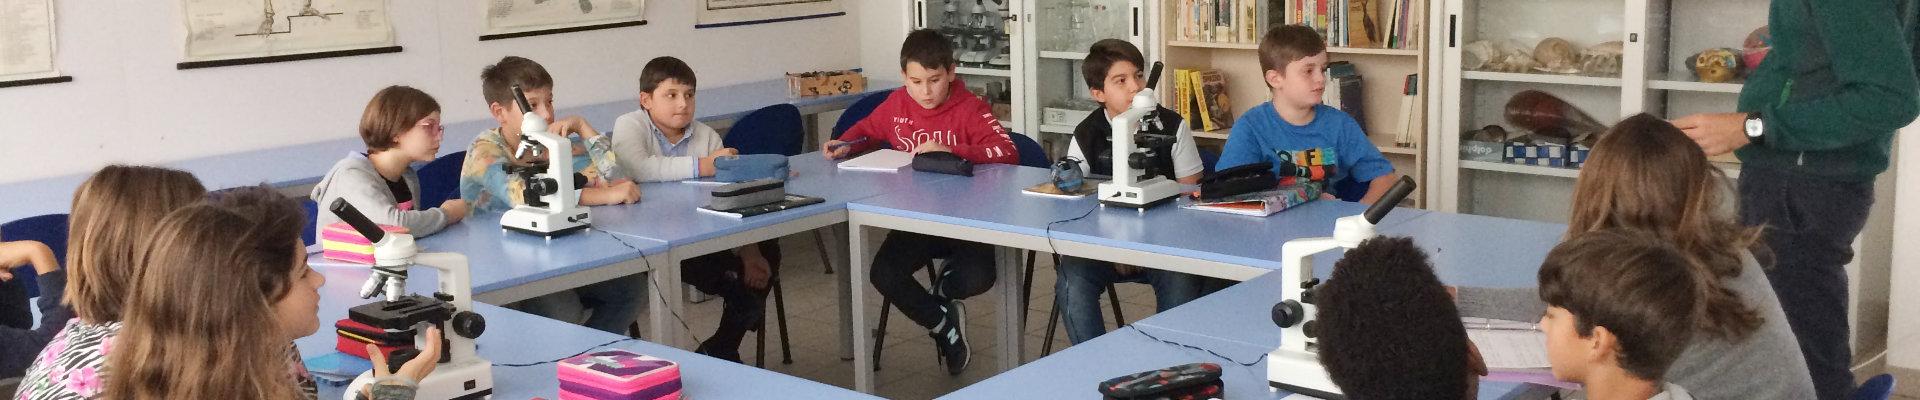 Finalità educative Scuola Media Mario Lodi Parma